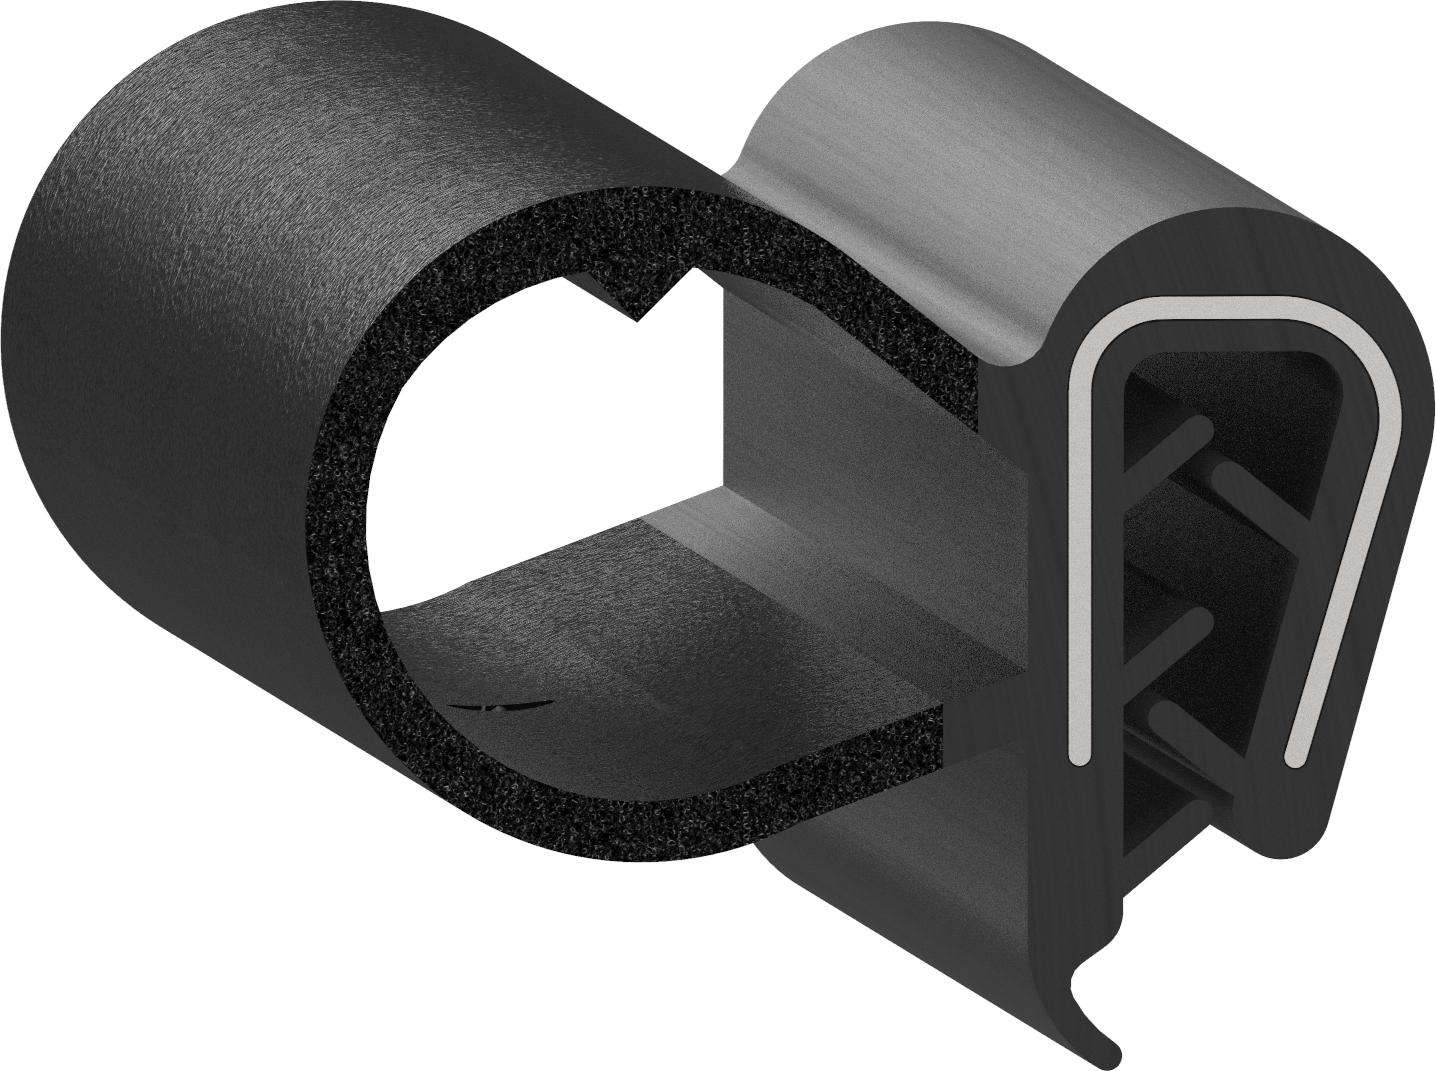 Uni-Grip part: SD-12109-OS-NC